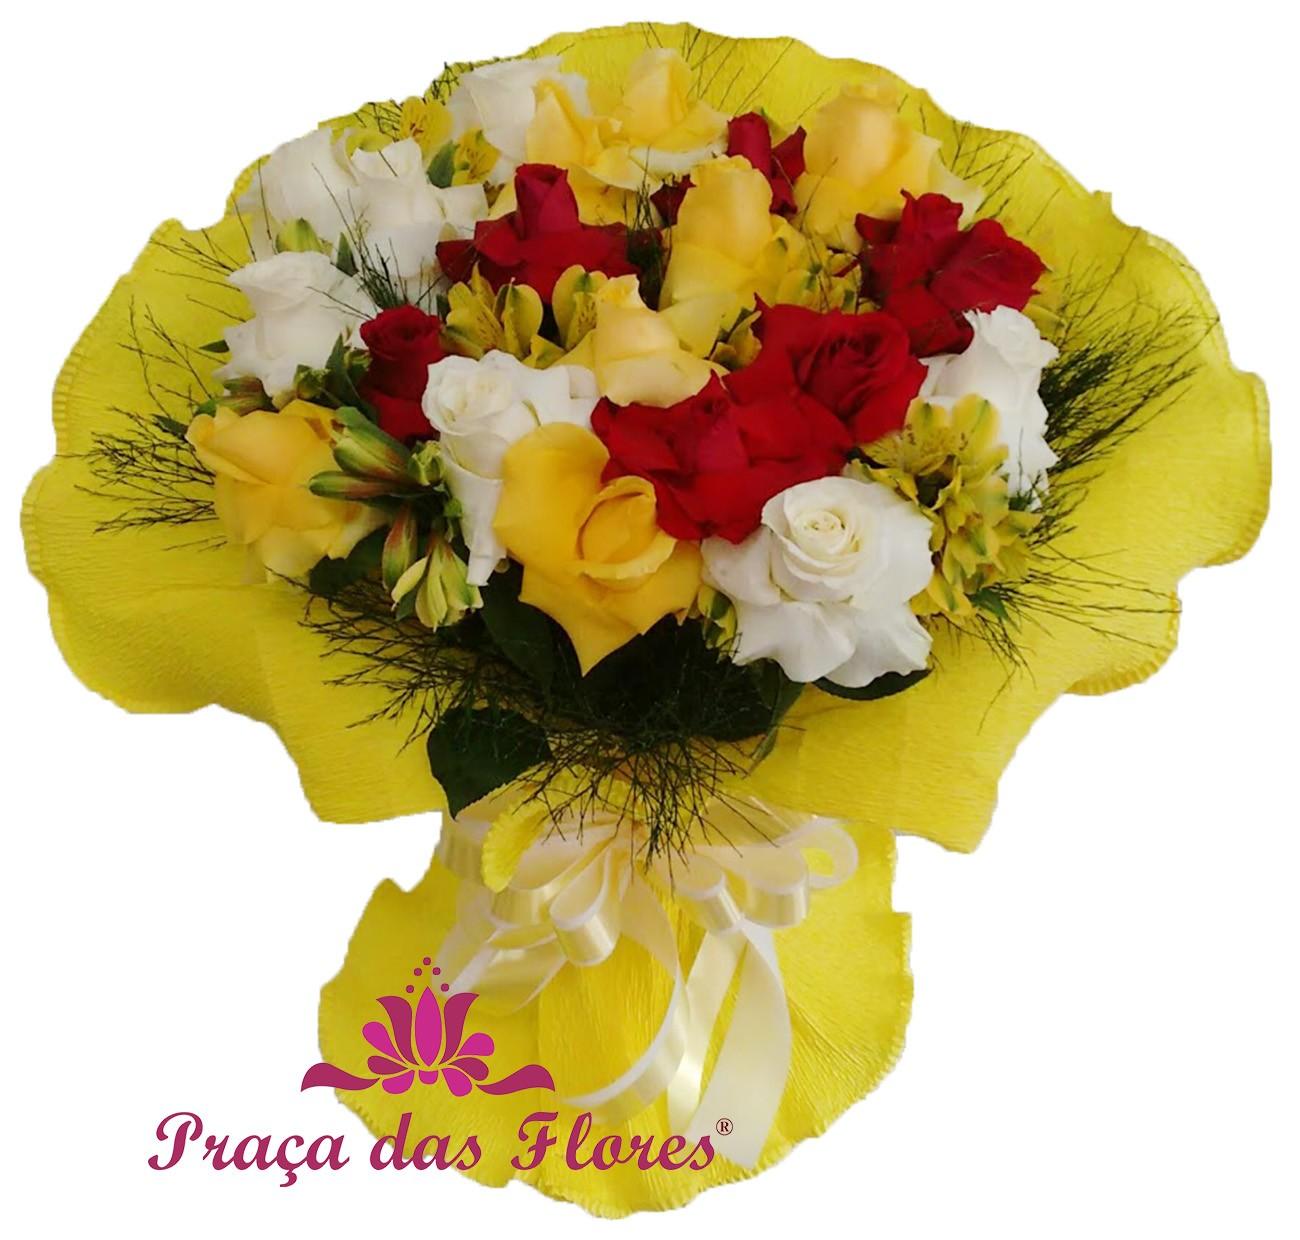 rosas mistas colombianas